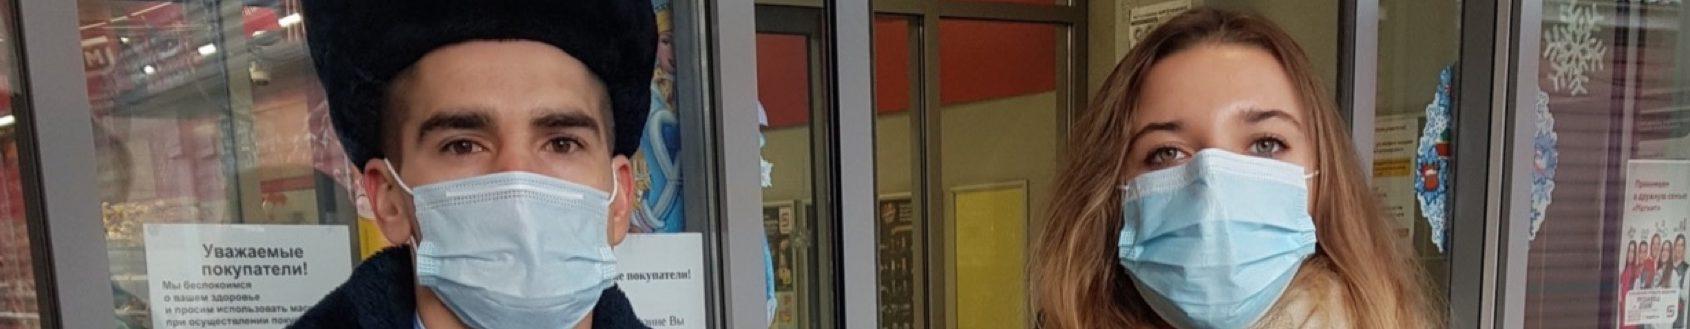 Депутаты Молодёжного парламента при городской Думе города Шахты продолжают принимать участие в мониторинге масочного режима на территории города Шахты, проводимого сотрудниками УМВД